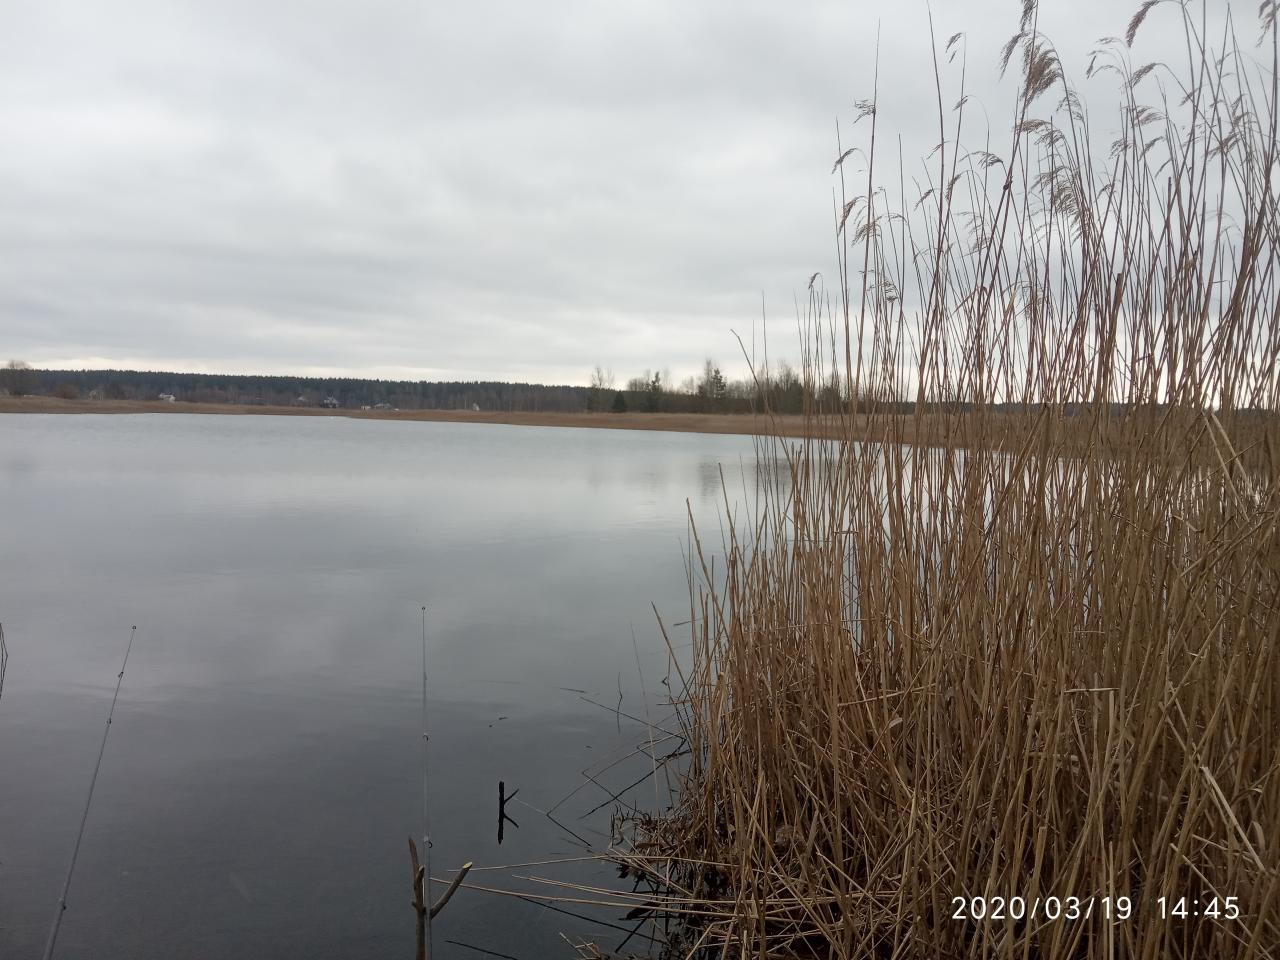 Сегодня в обед решил немного посидеть с удочкой ... | Отчеты о рыбалке в Беларуси